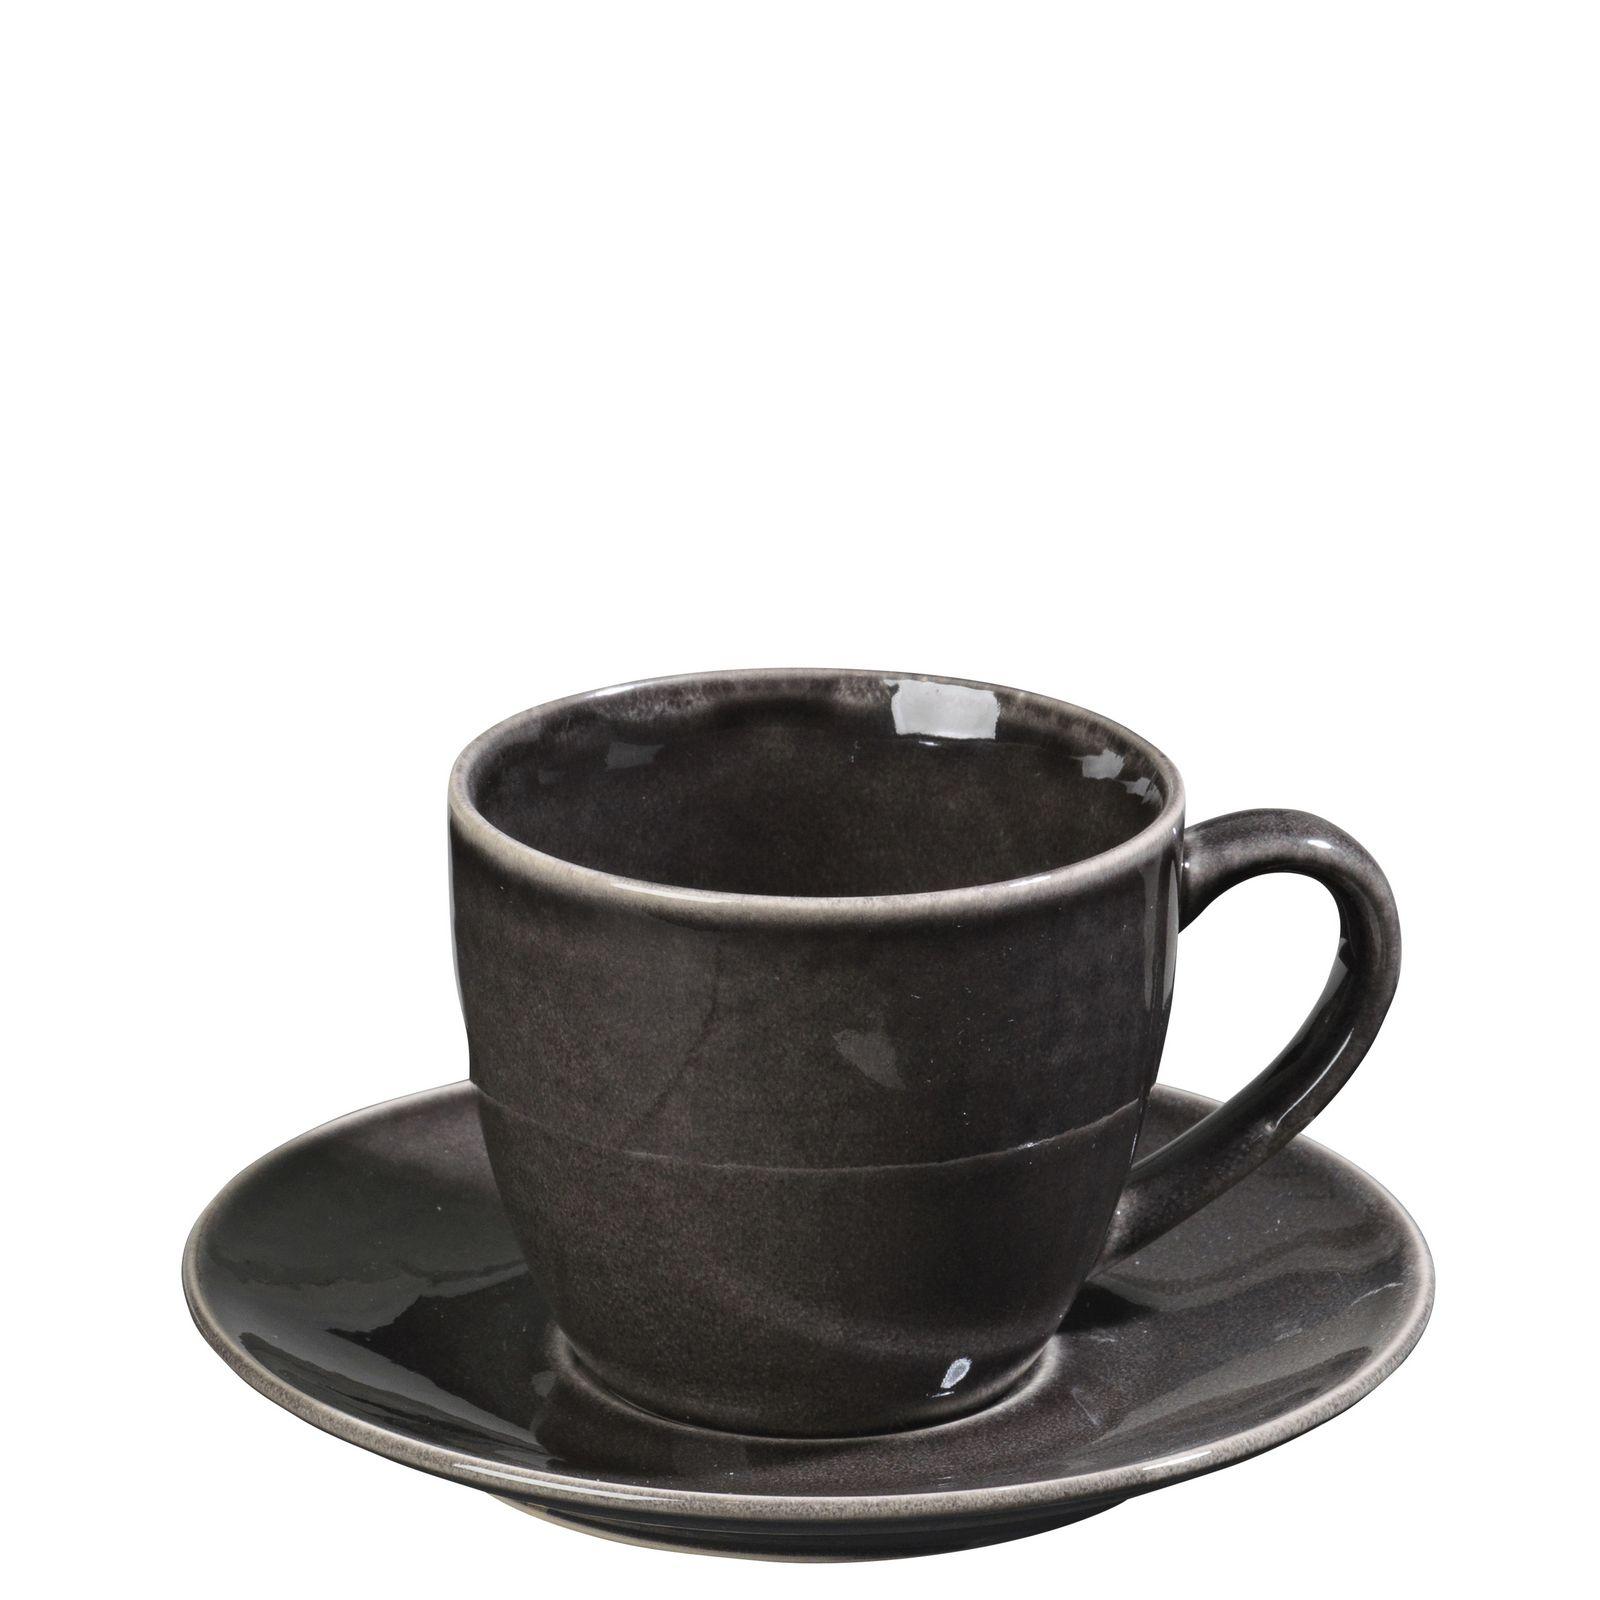 Набор для чая Broste Nordic Coal, цвет: темно-коричневый, 150 мл, 2 предмета. 14533136